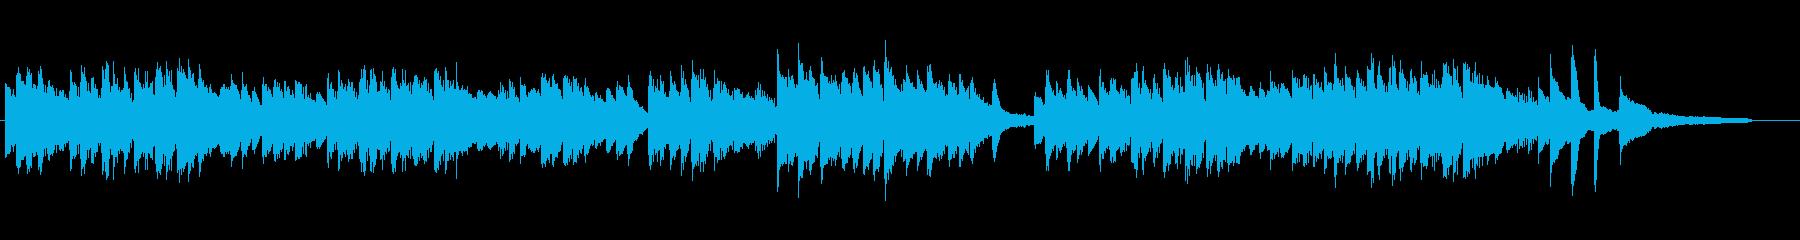 切ない/3拍子/ピアノソロの再生済みの波形